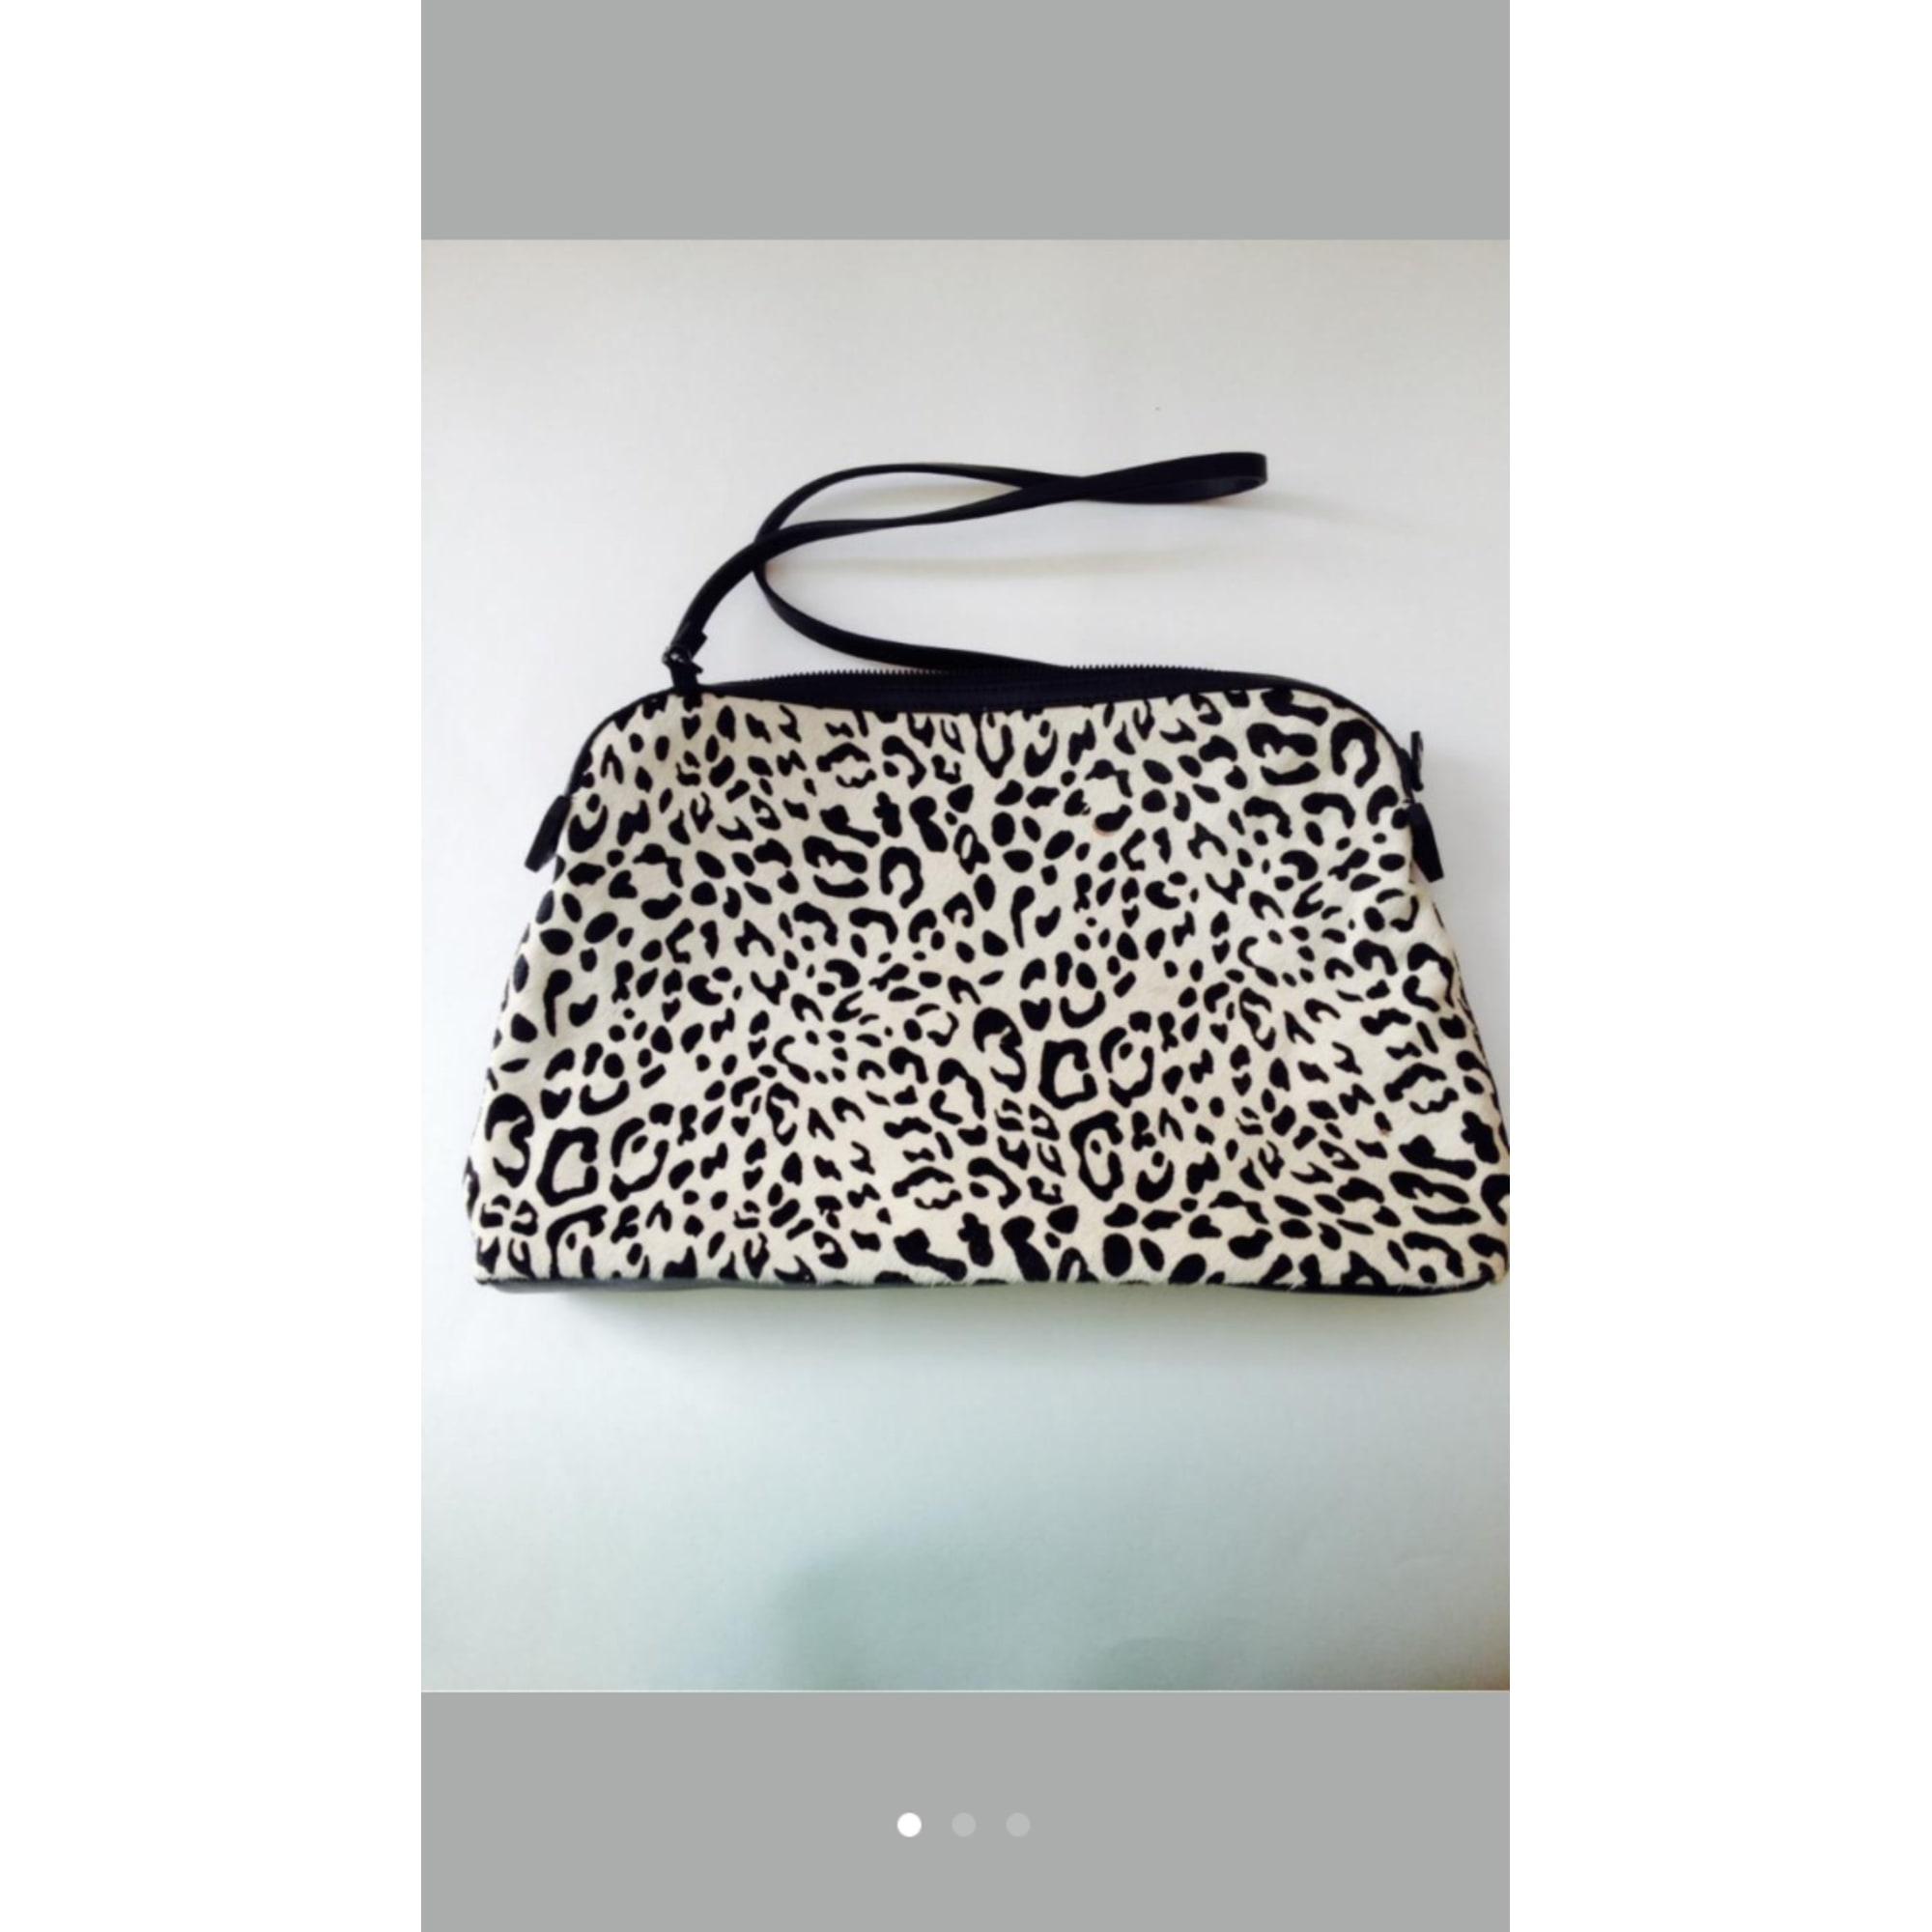 Leather Shoulder Bag ZARA Noir et blanc